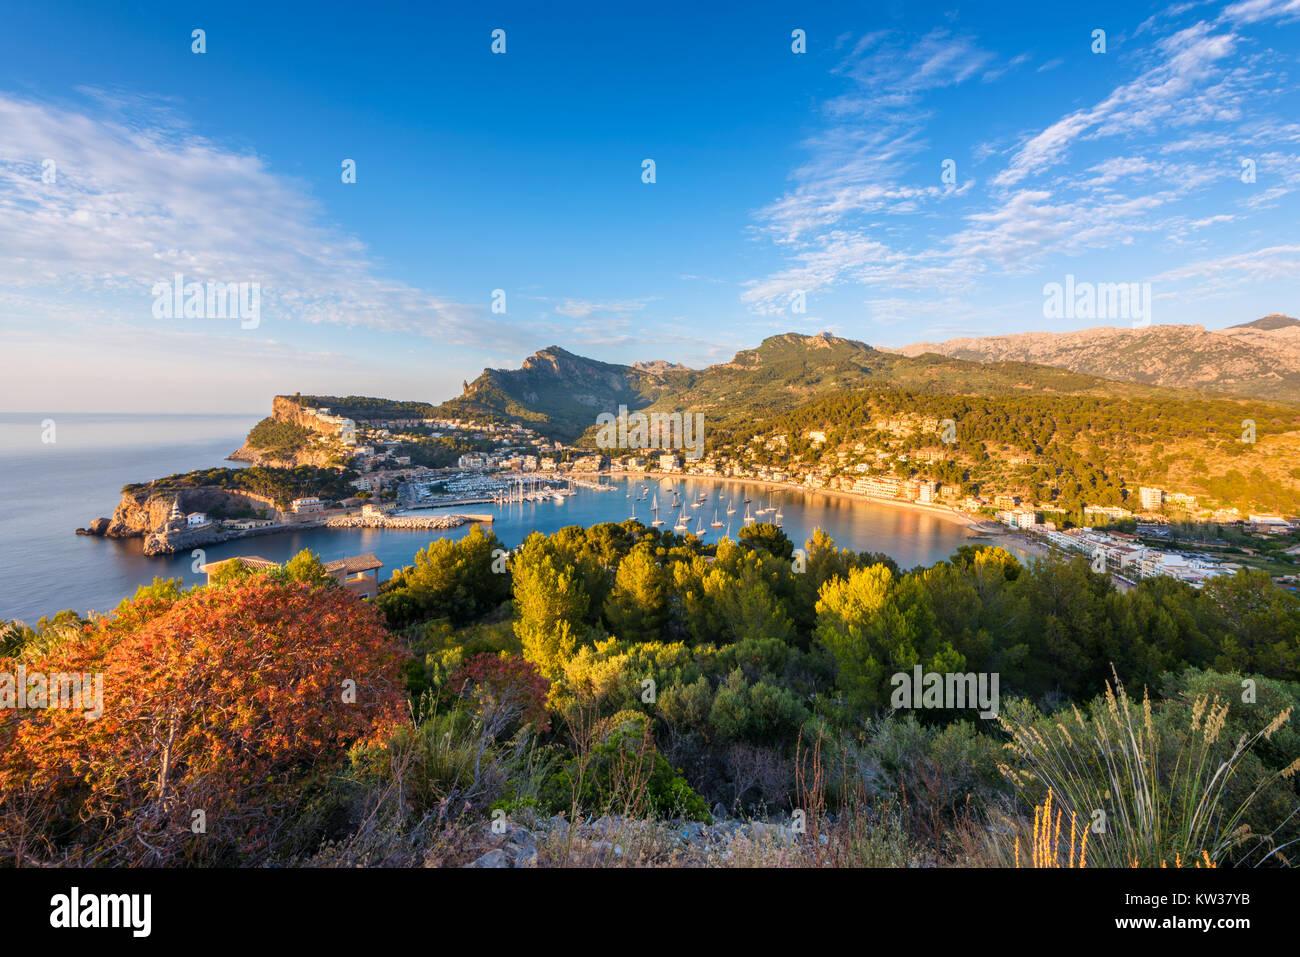 High Angle View sur le Port de Soller Mallorca Espagne au coucher du soleil Photo Stock